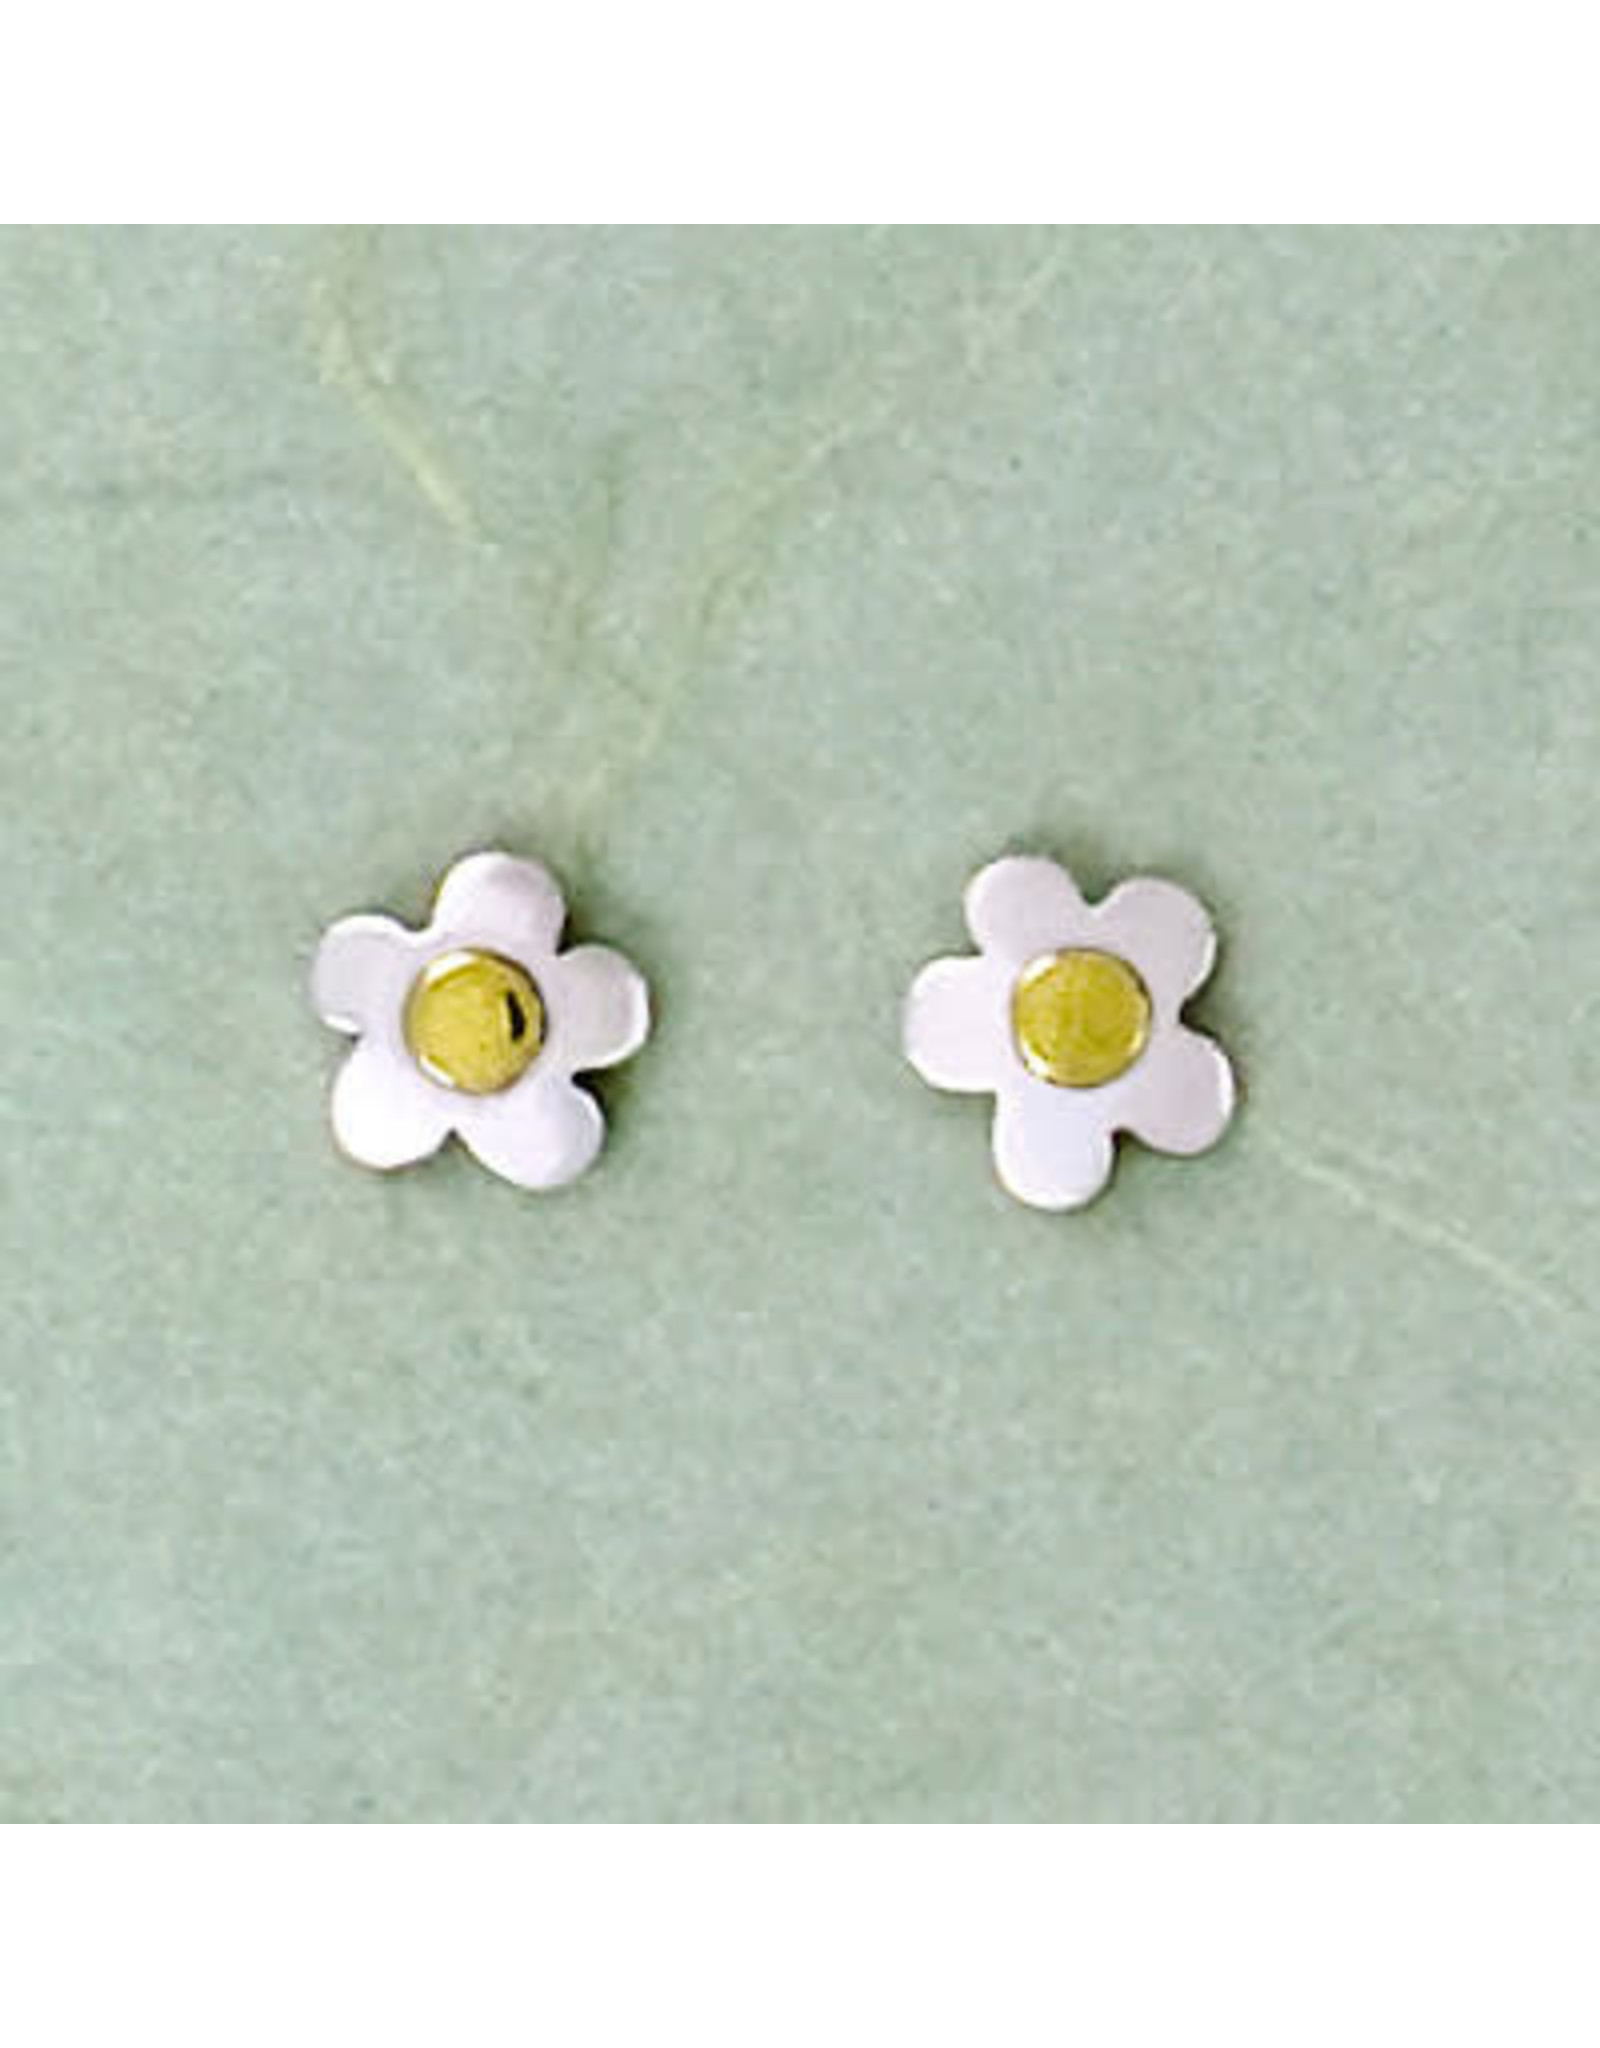 Sterling Silver Flower Post Earrings